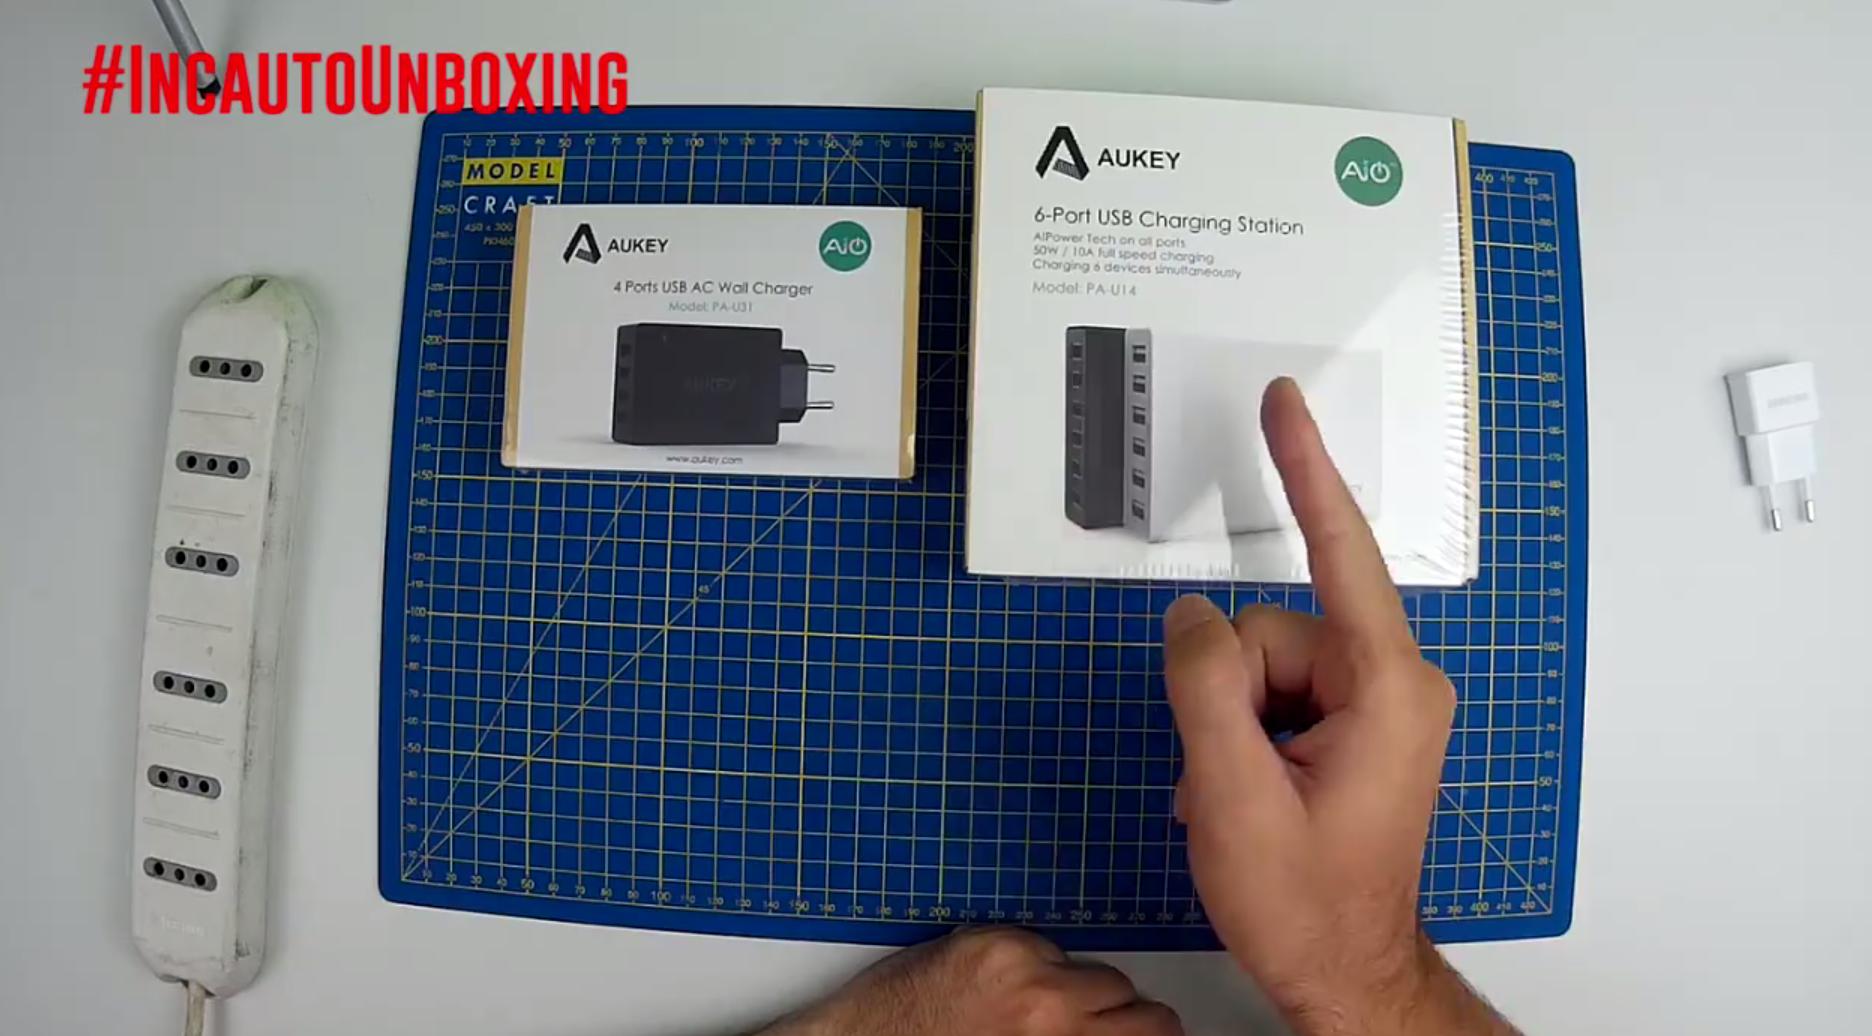 #IncautoUnboxing Speciale caricatori USB